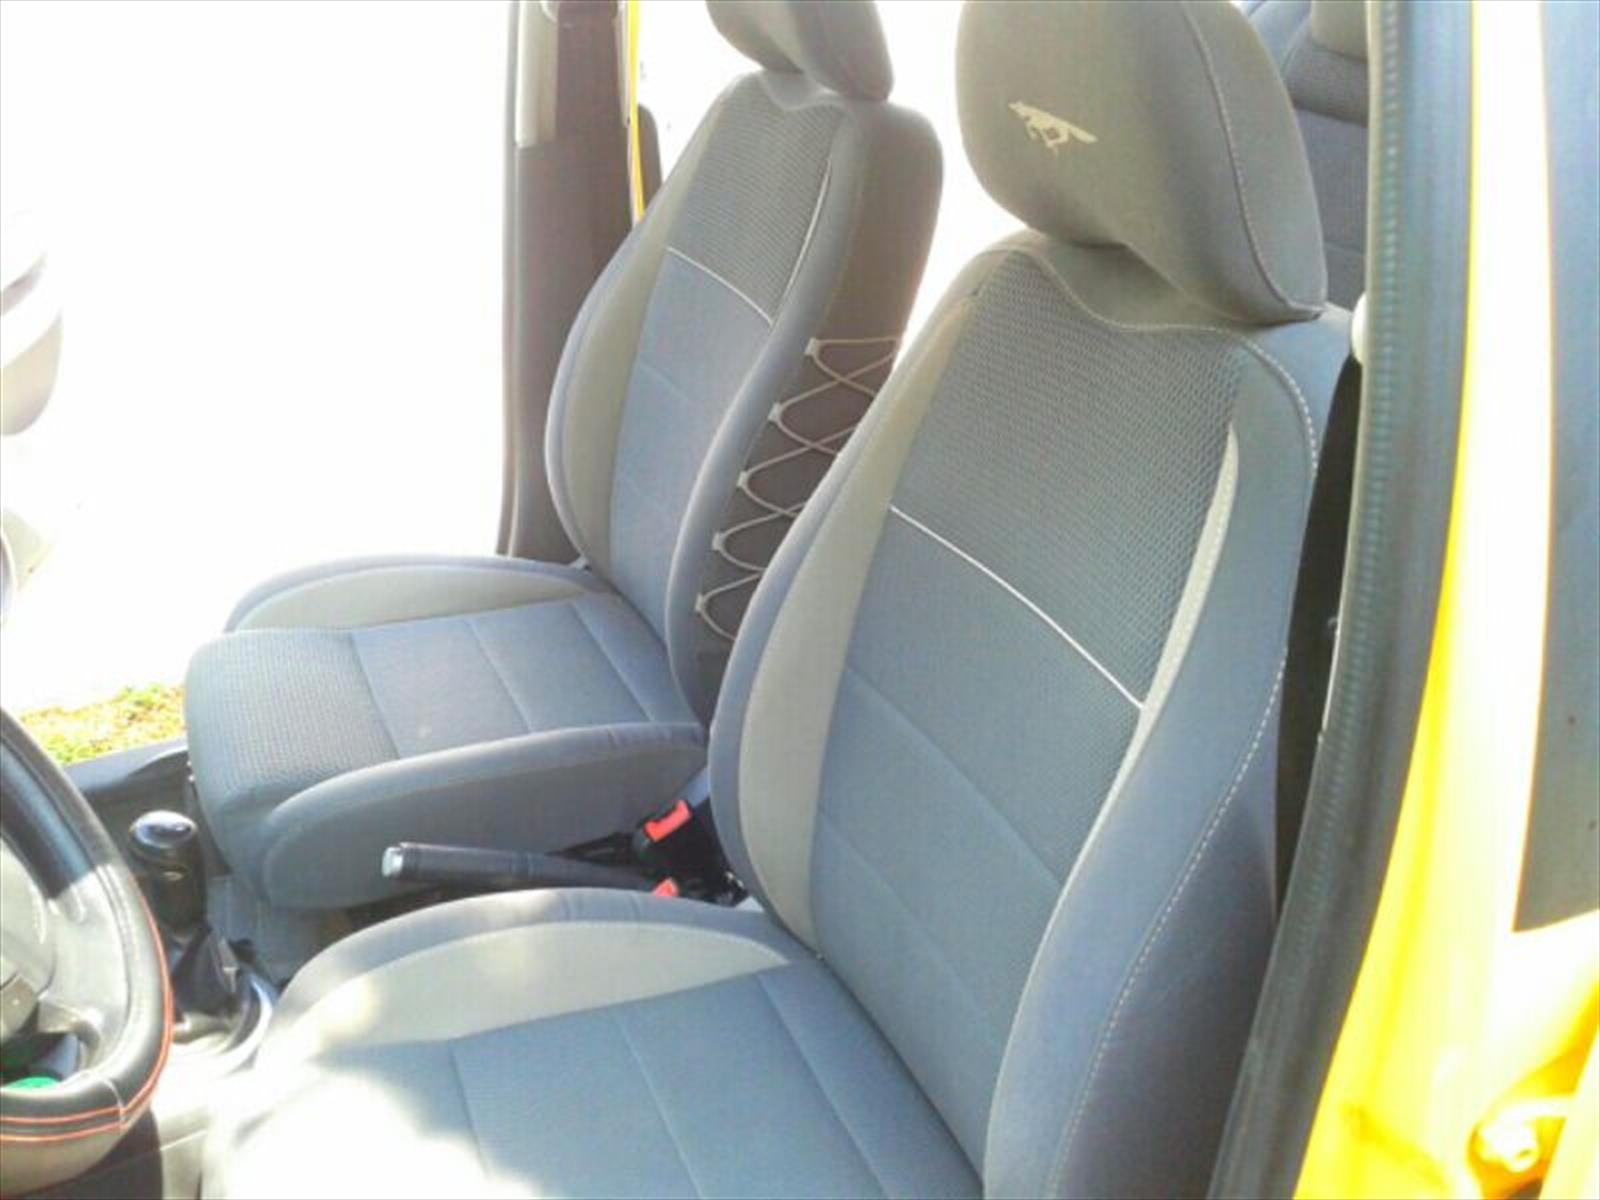 Venta autos usado - Estado de Mexico - Volkswagen CrossFox 1.6L